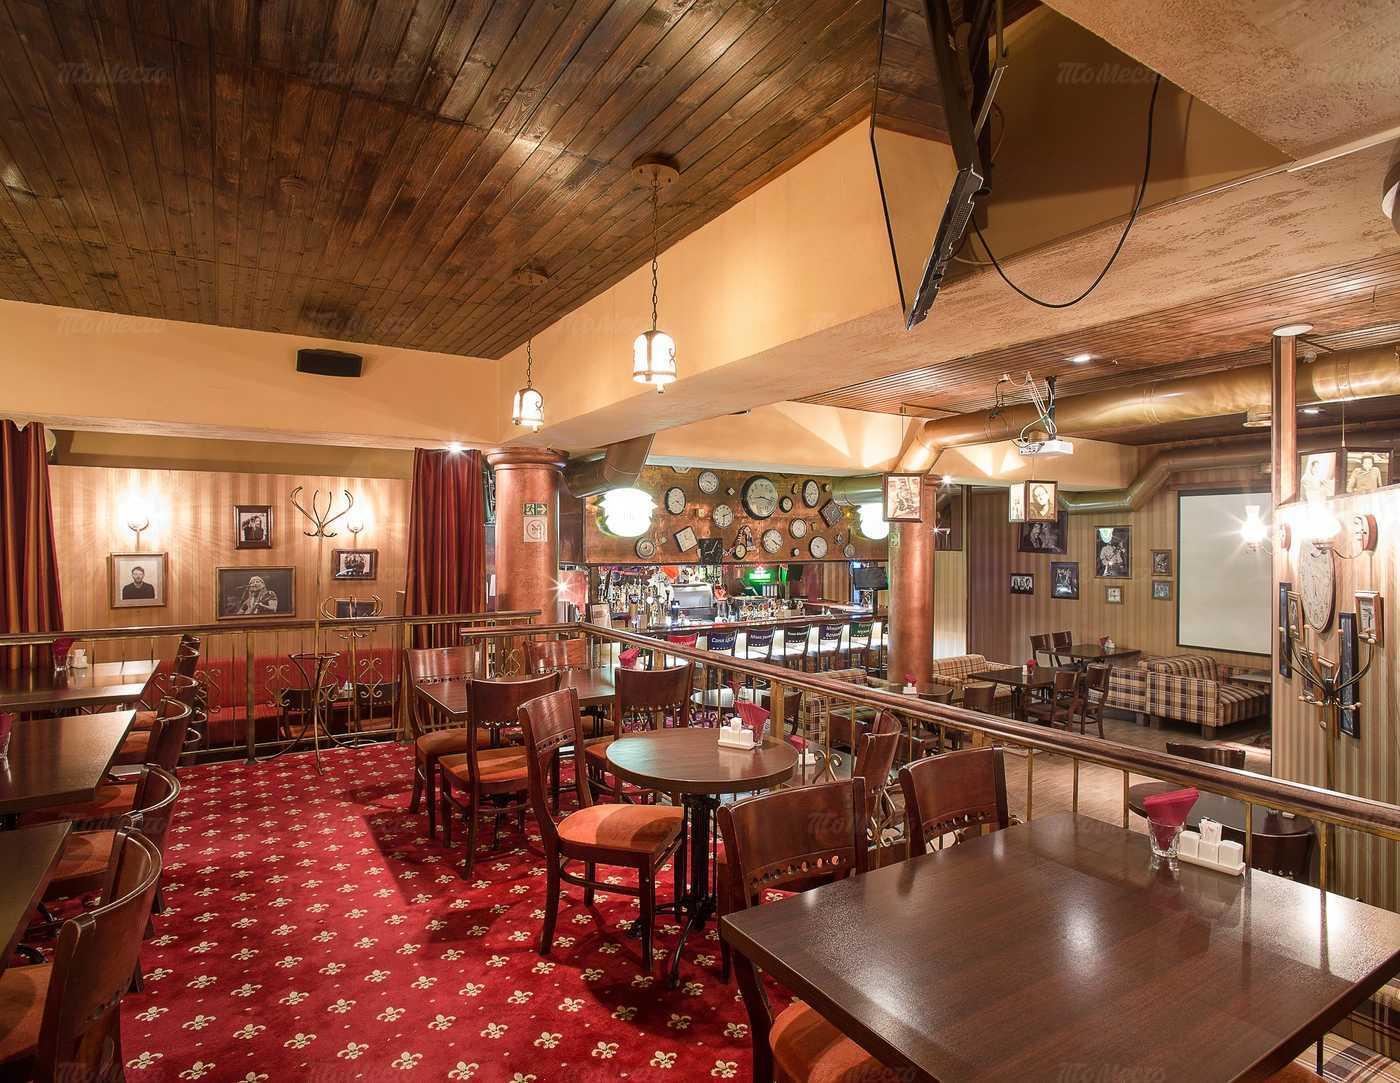 Меню паба, пивного ресторана, ресторана Мюнхель (Munhell) на проспекте Большевиков